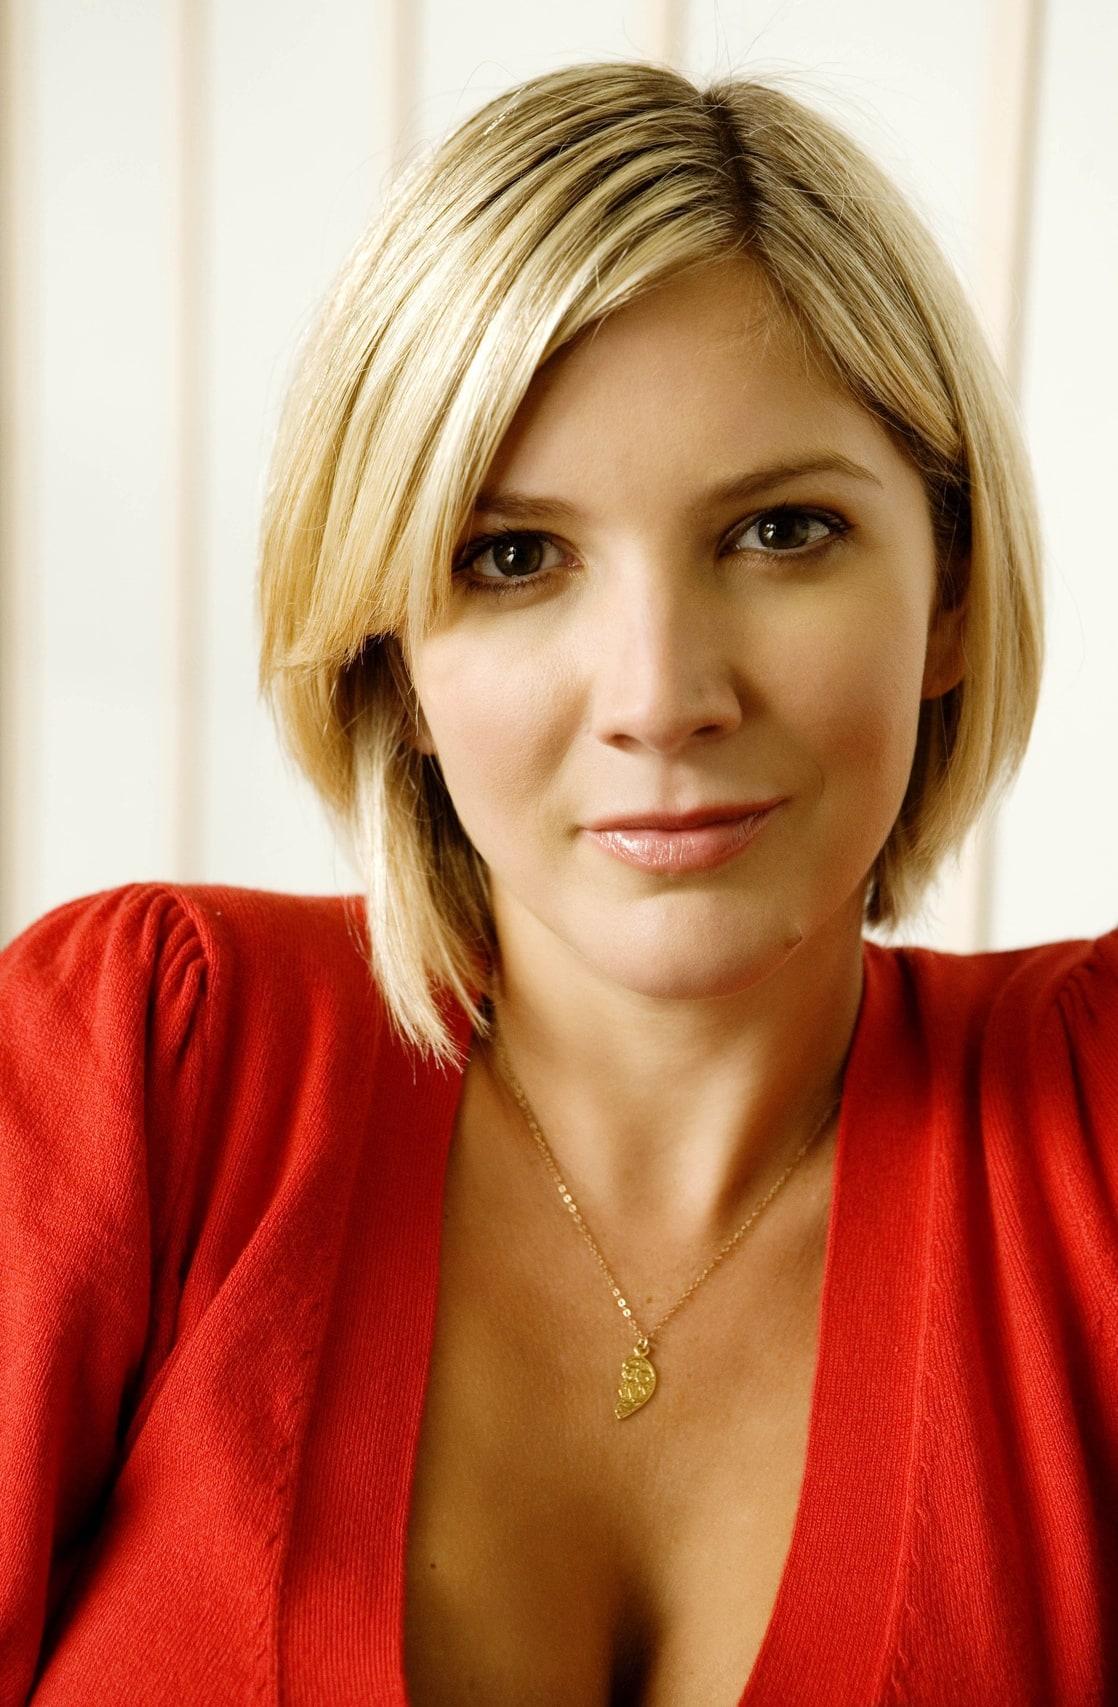 lisa faulkner - photo #10